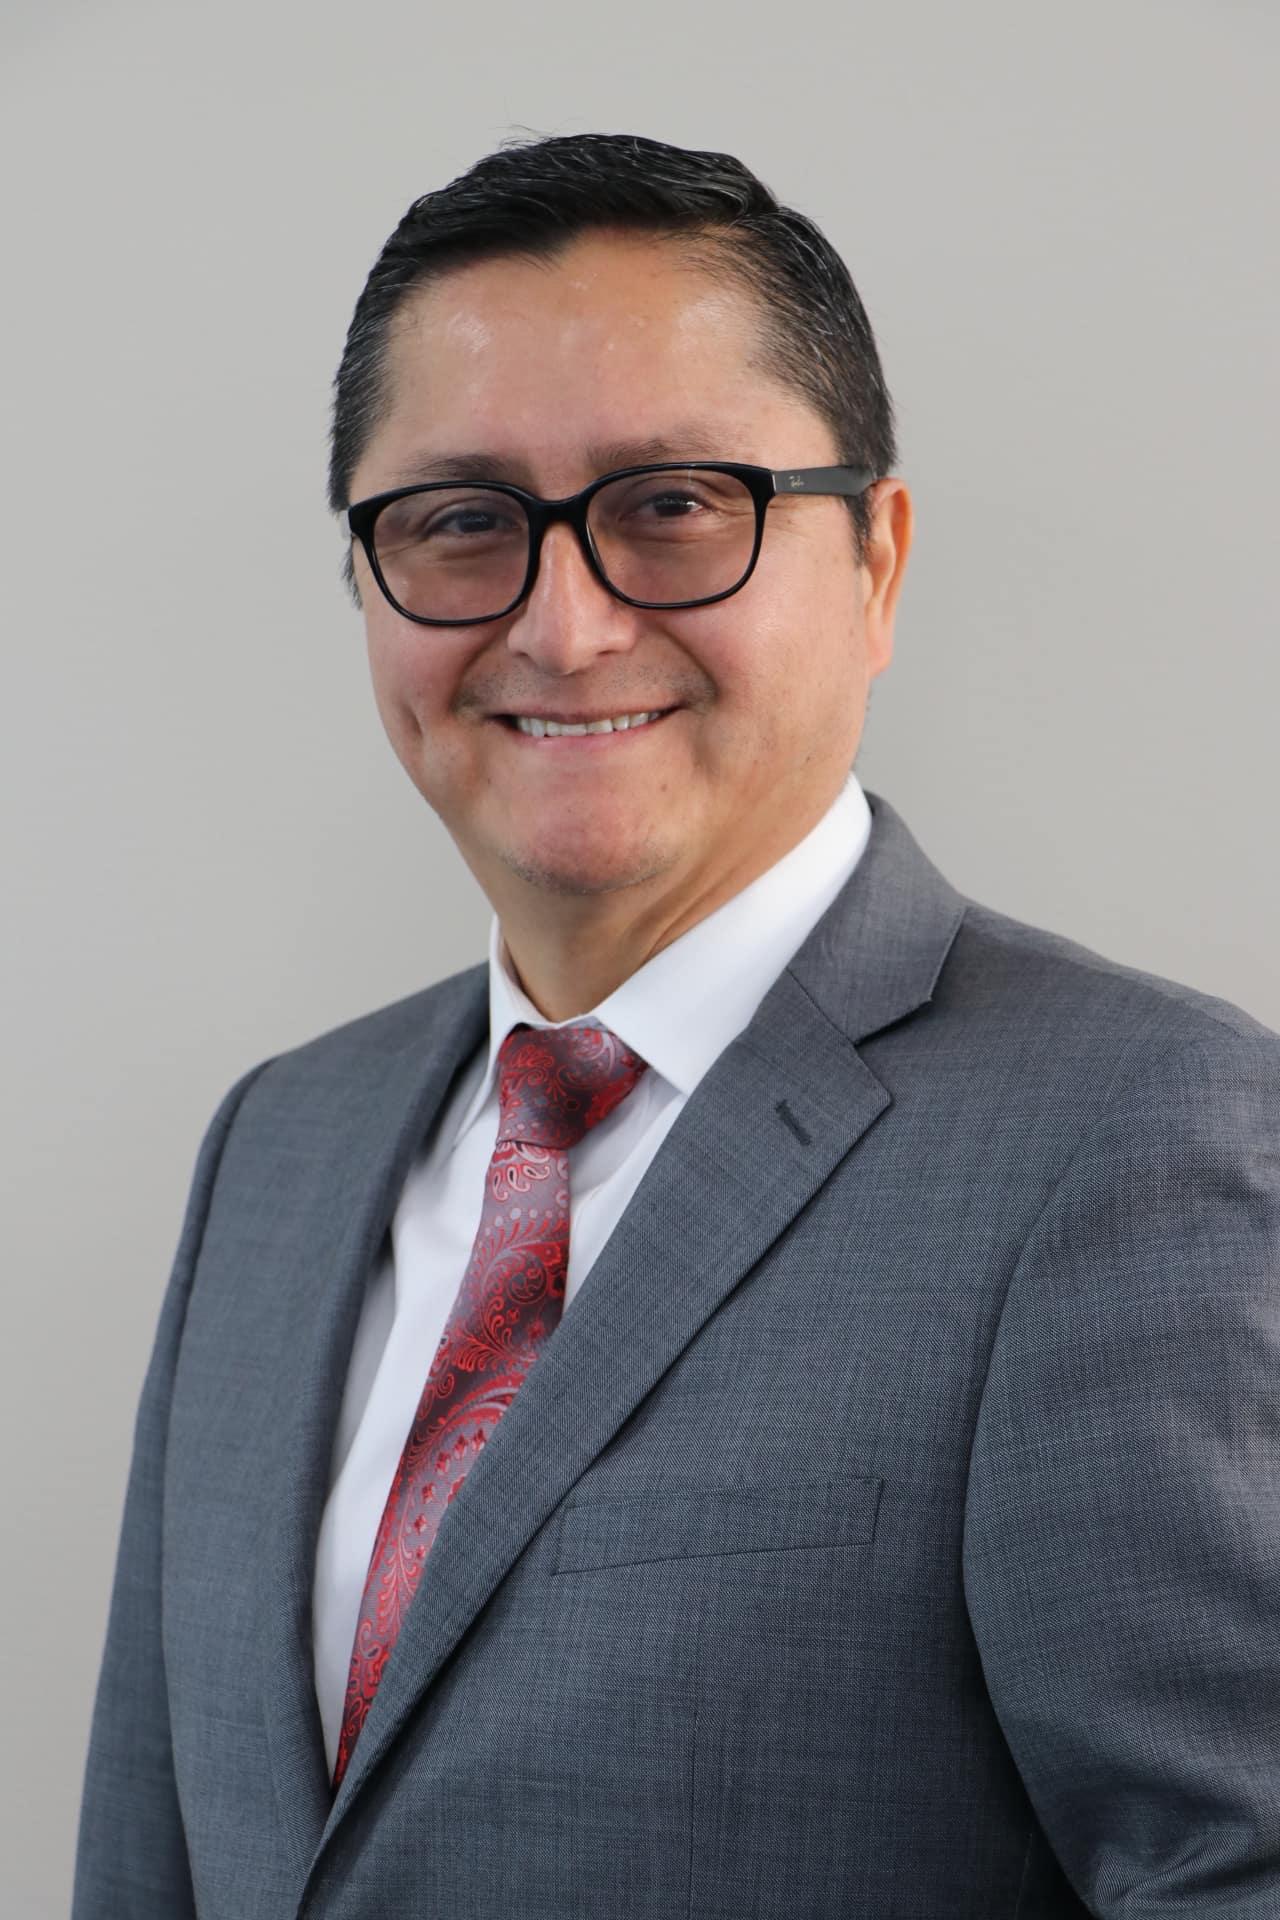 Carlos R. Ccancce